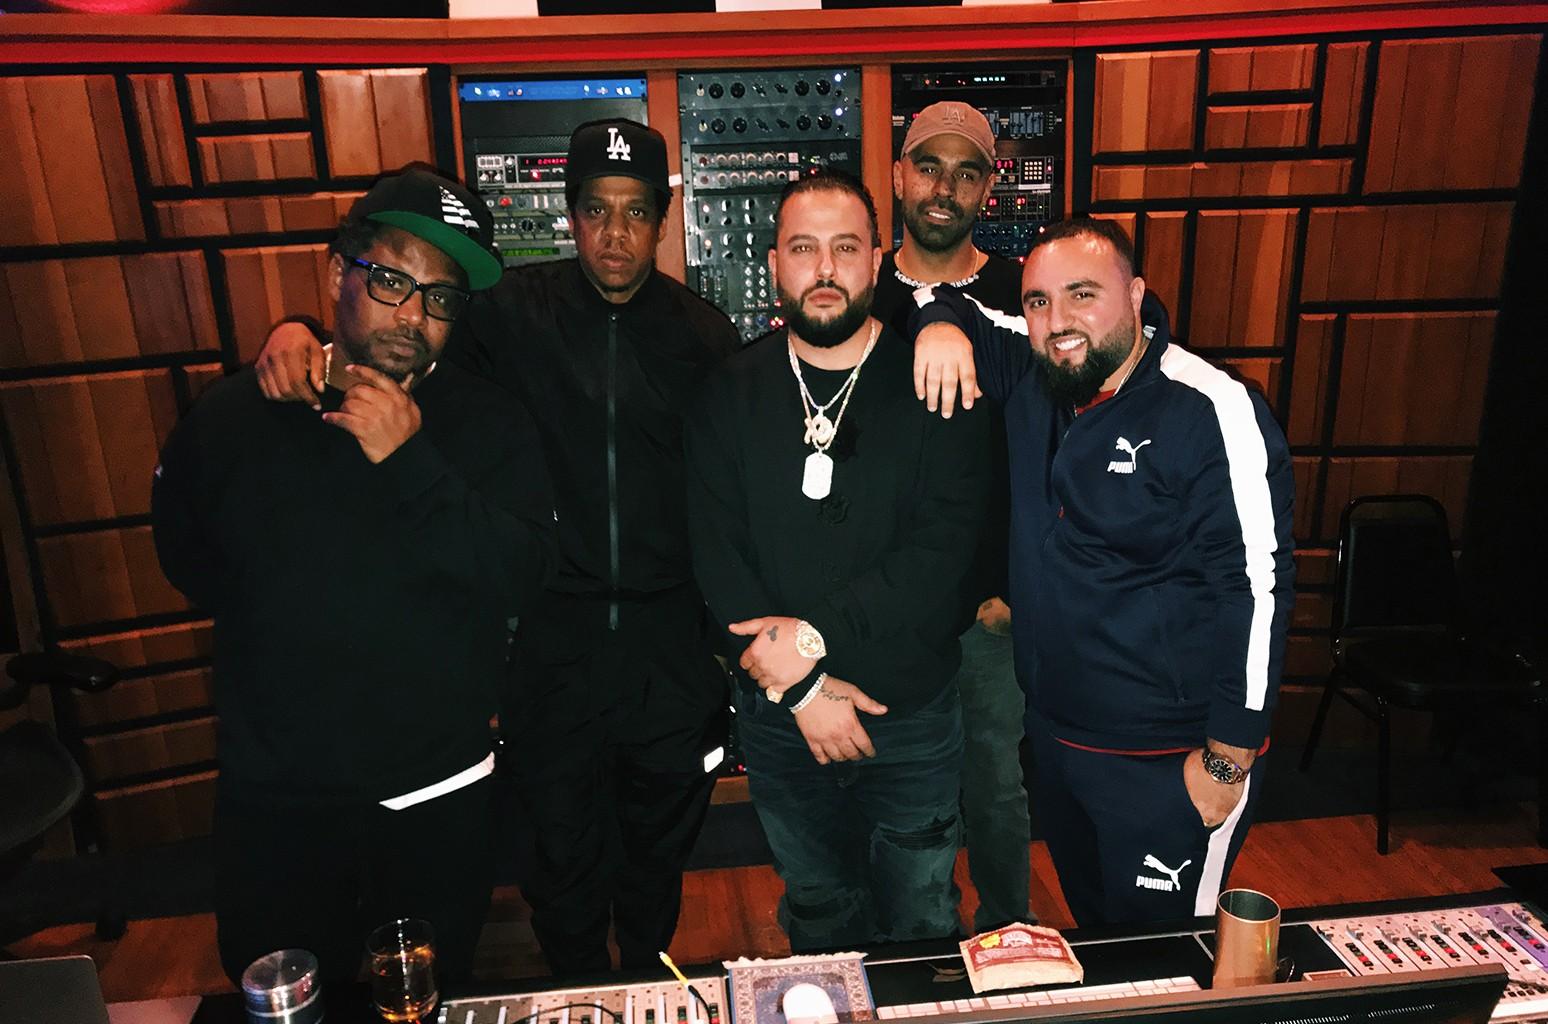 Belly & Jay Z in the studio